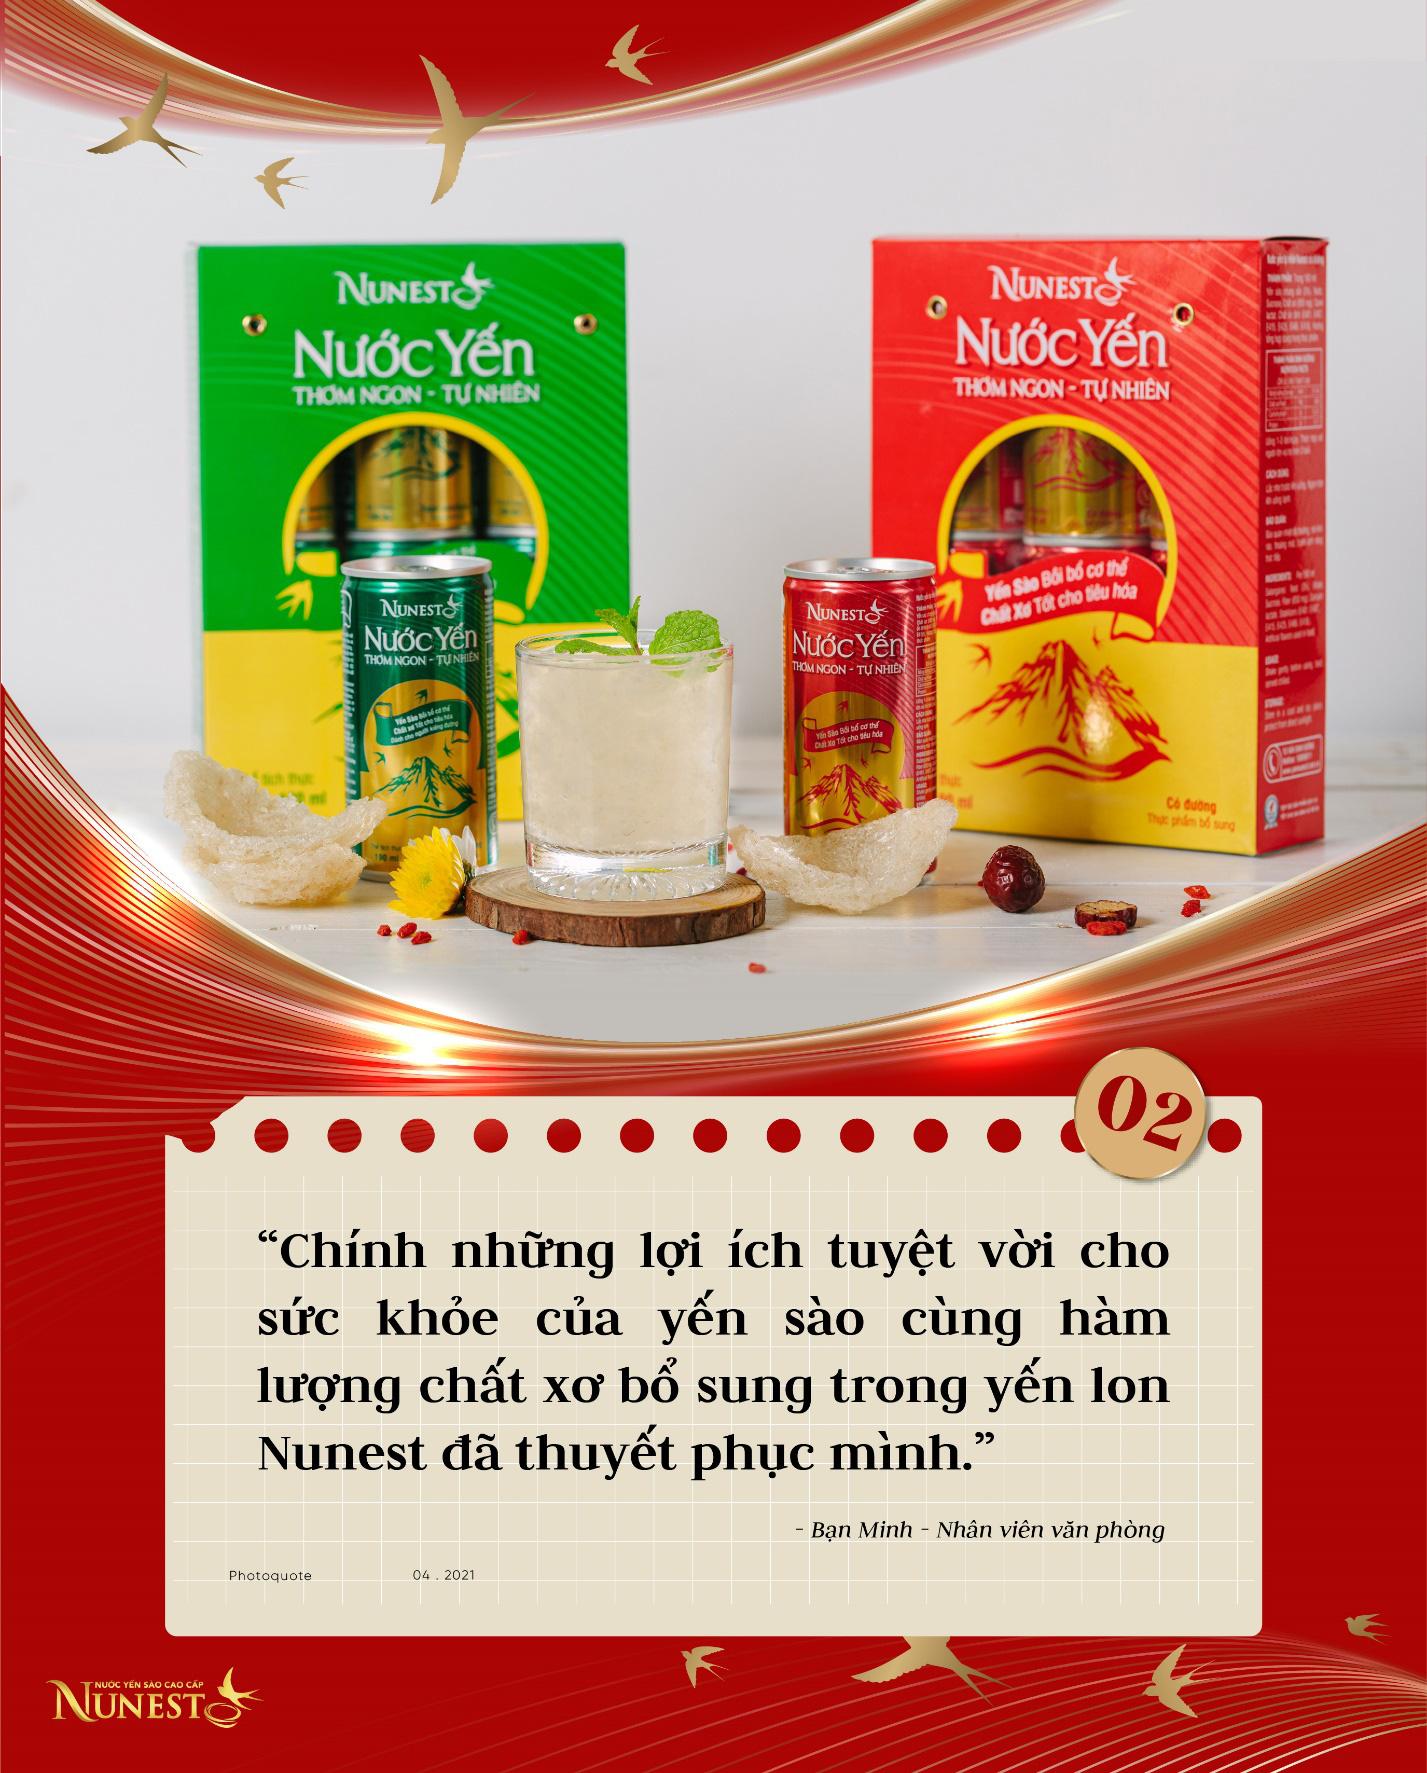 """Top 5 siêu phẩm """"đắt xắt ra miếng"""" trong Combo dinh dưỡng cho cả nhà của thương hiệu yến sào Nunest - Ảnh 2."""